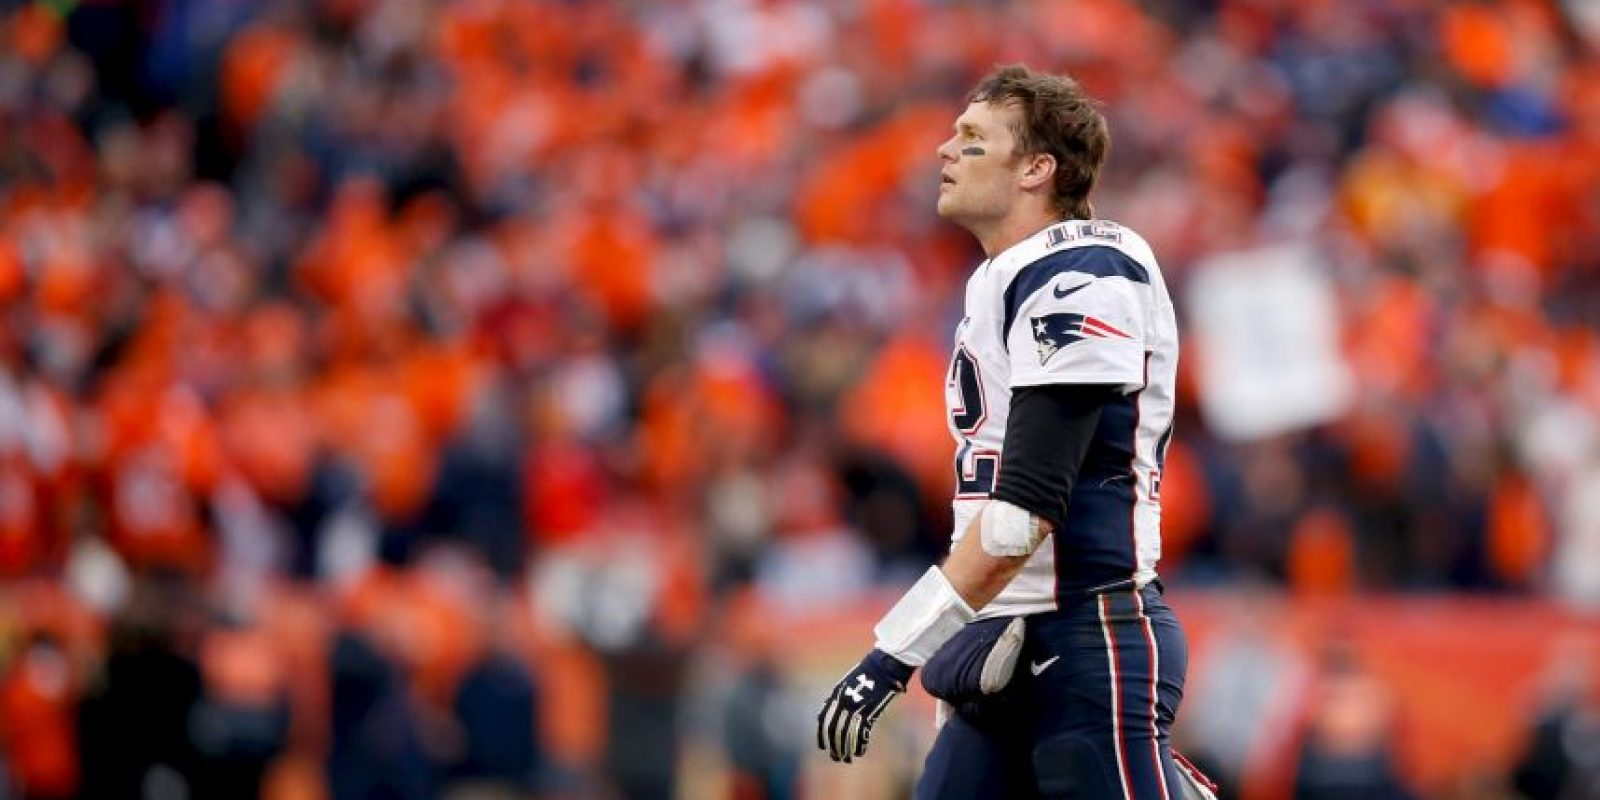 Las maldiciones rotas del deporte. Imagen Por: Getty Images